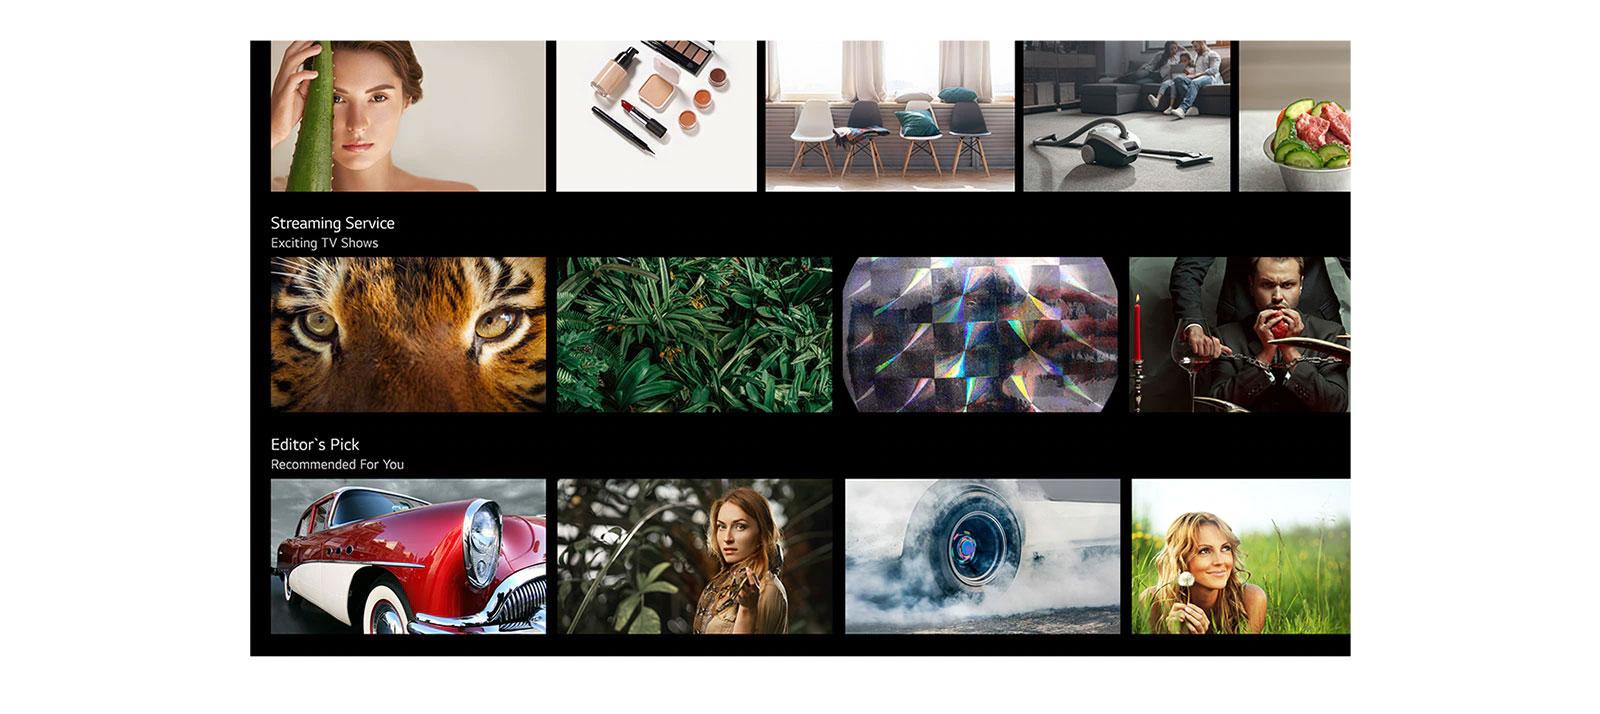 Una pantalla de televisor que muestra varios contenidos presentados y recomendados por LG ThinQ AI. (reproducir el video)